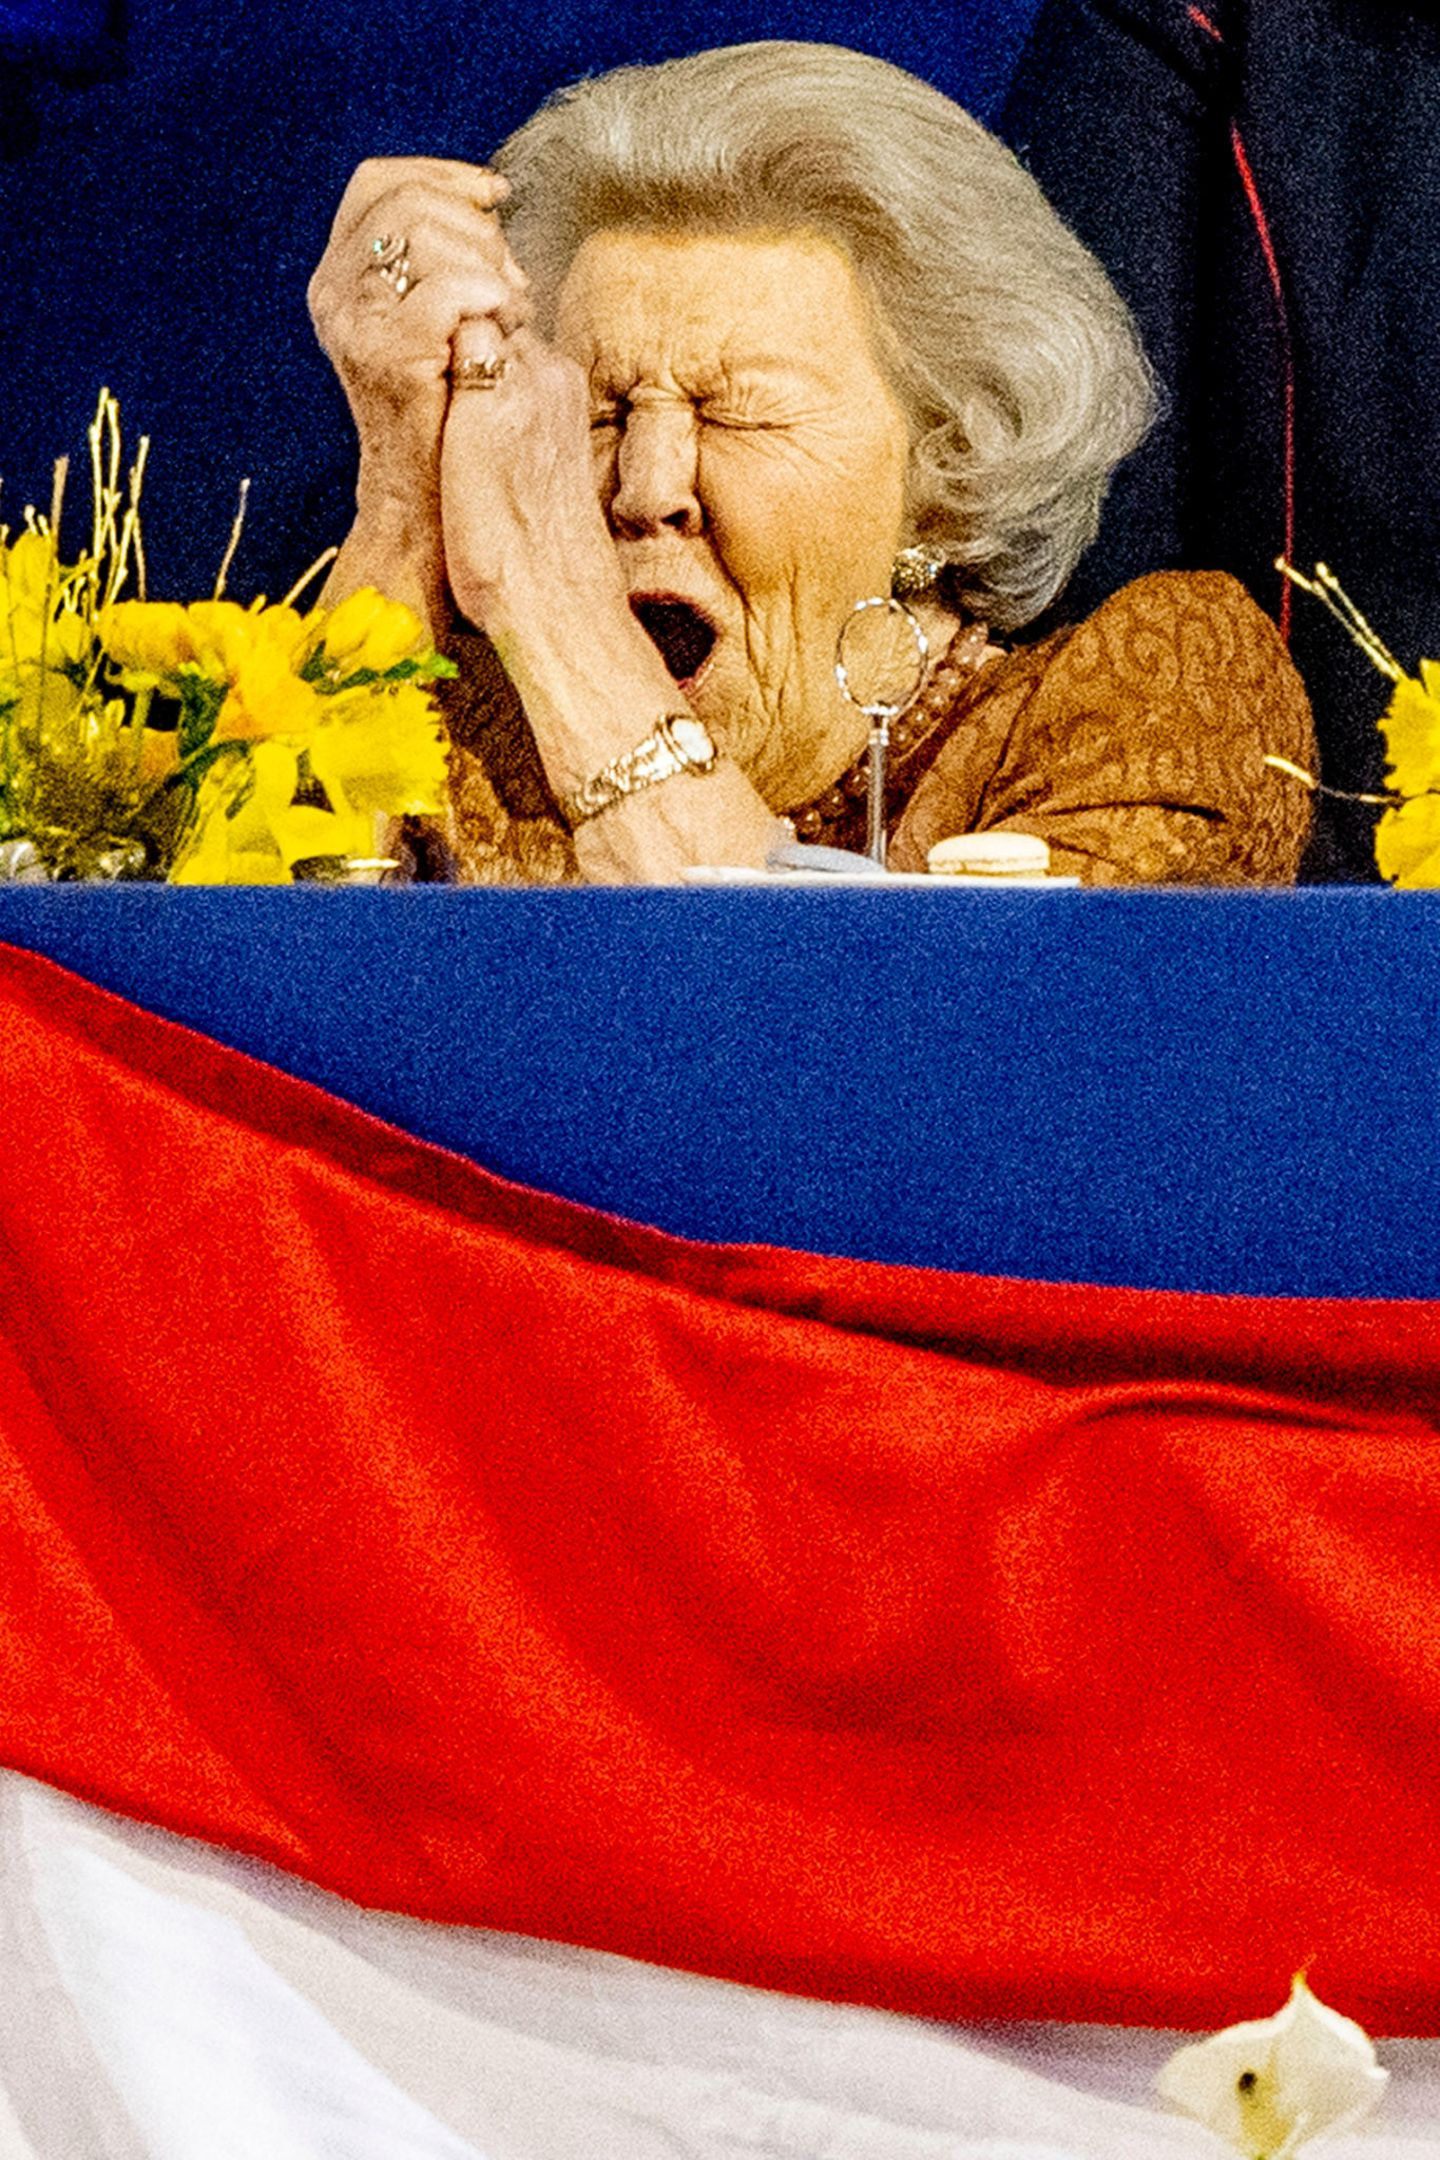 Für Prinzessin Beatrix gibt es nun kein Halten mehr und wir freuen uns über diesen herrlichen, royalen Gefühlsausbruch.